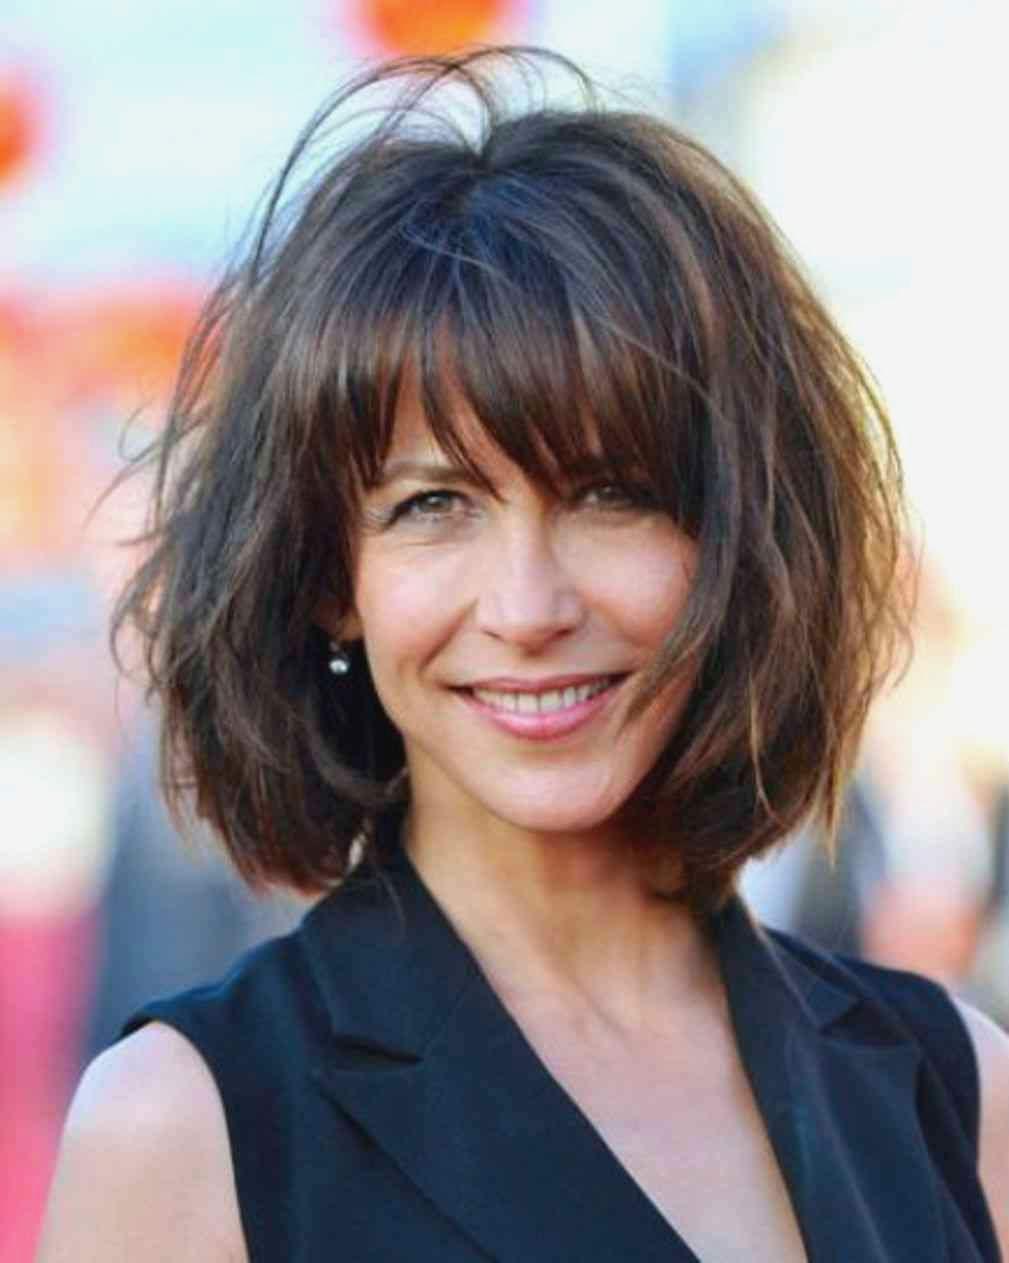 Beauté : 20 plus belles exemples coiffure courte femme